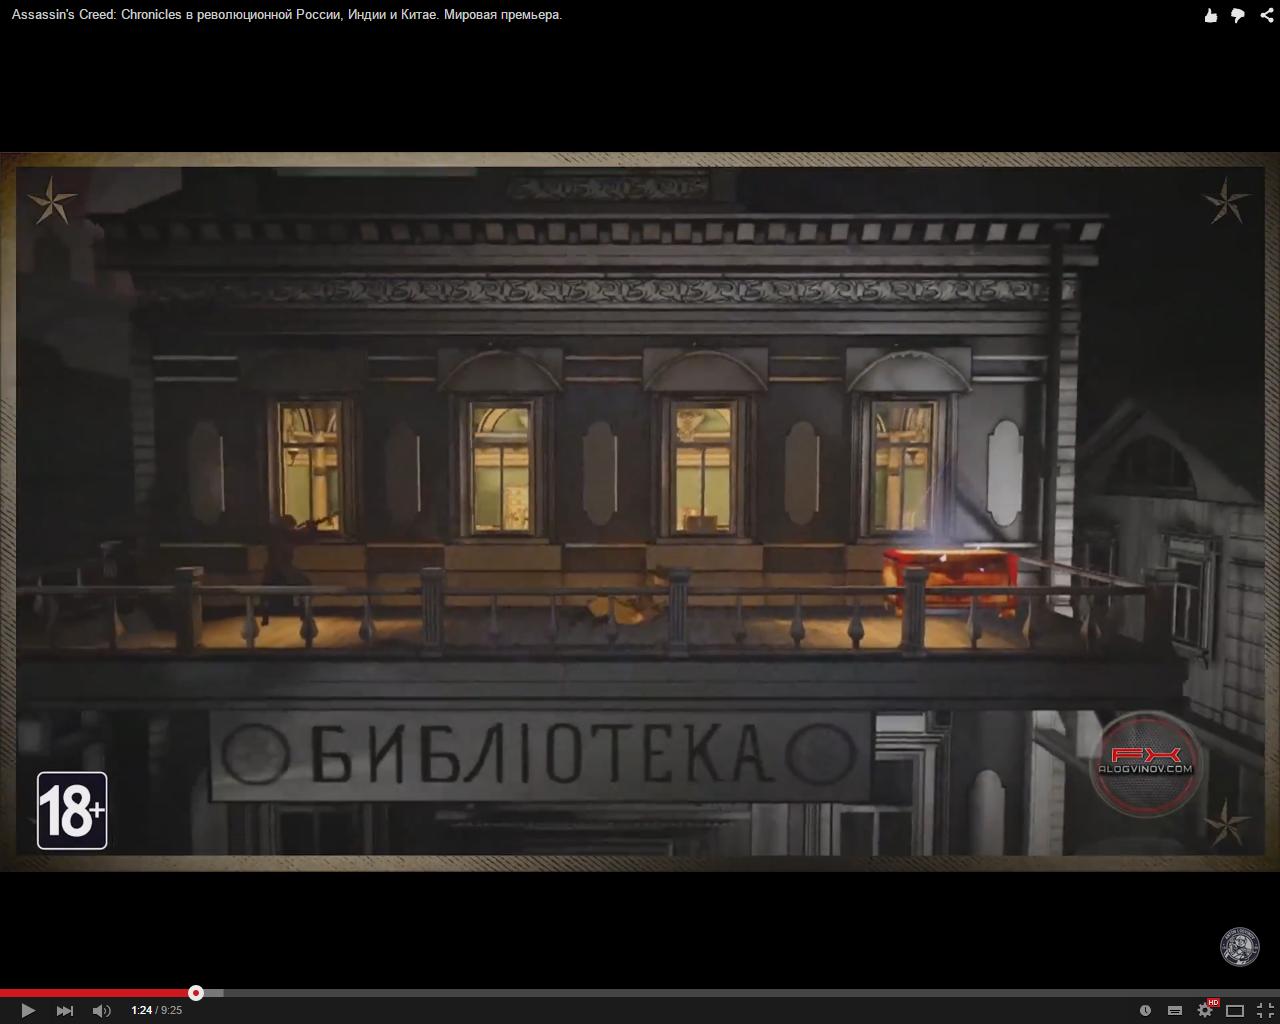 На каком языке надпись? Это ни украинский ни русский - Изображение 1